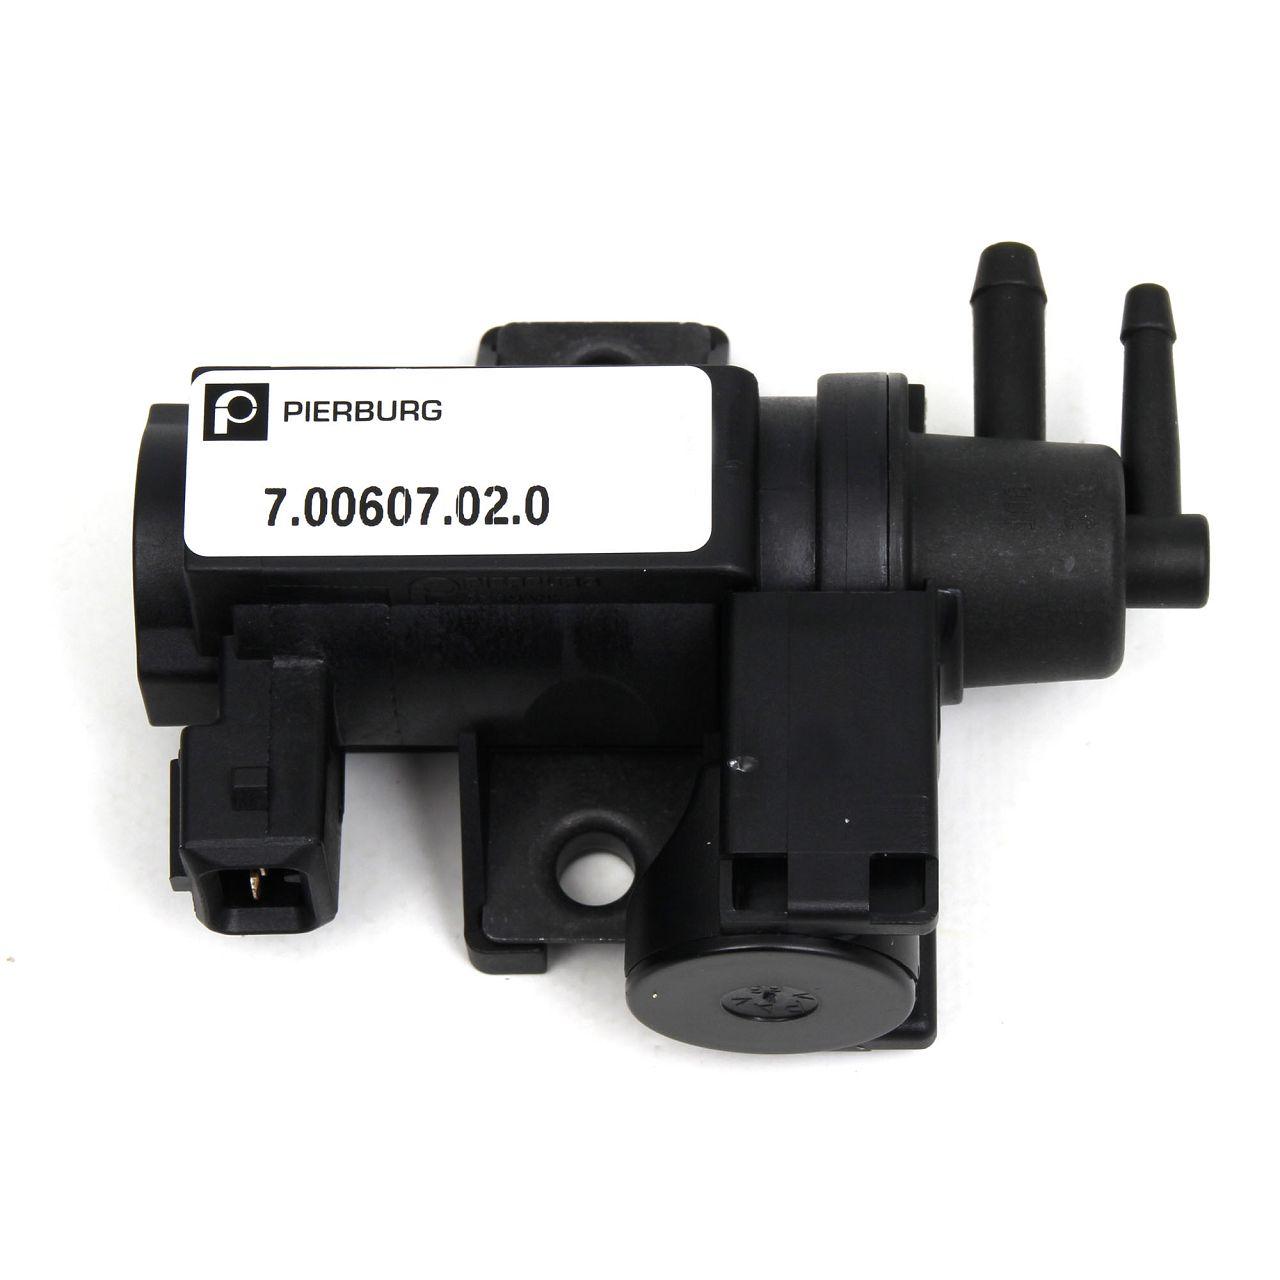 PIERBURG Druckwandler Magnetventil 7.00607.02.0 für ALFA ROMEO FIAT LANCIA